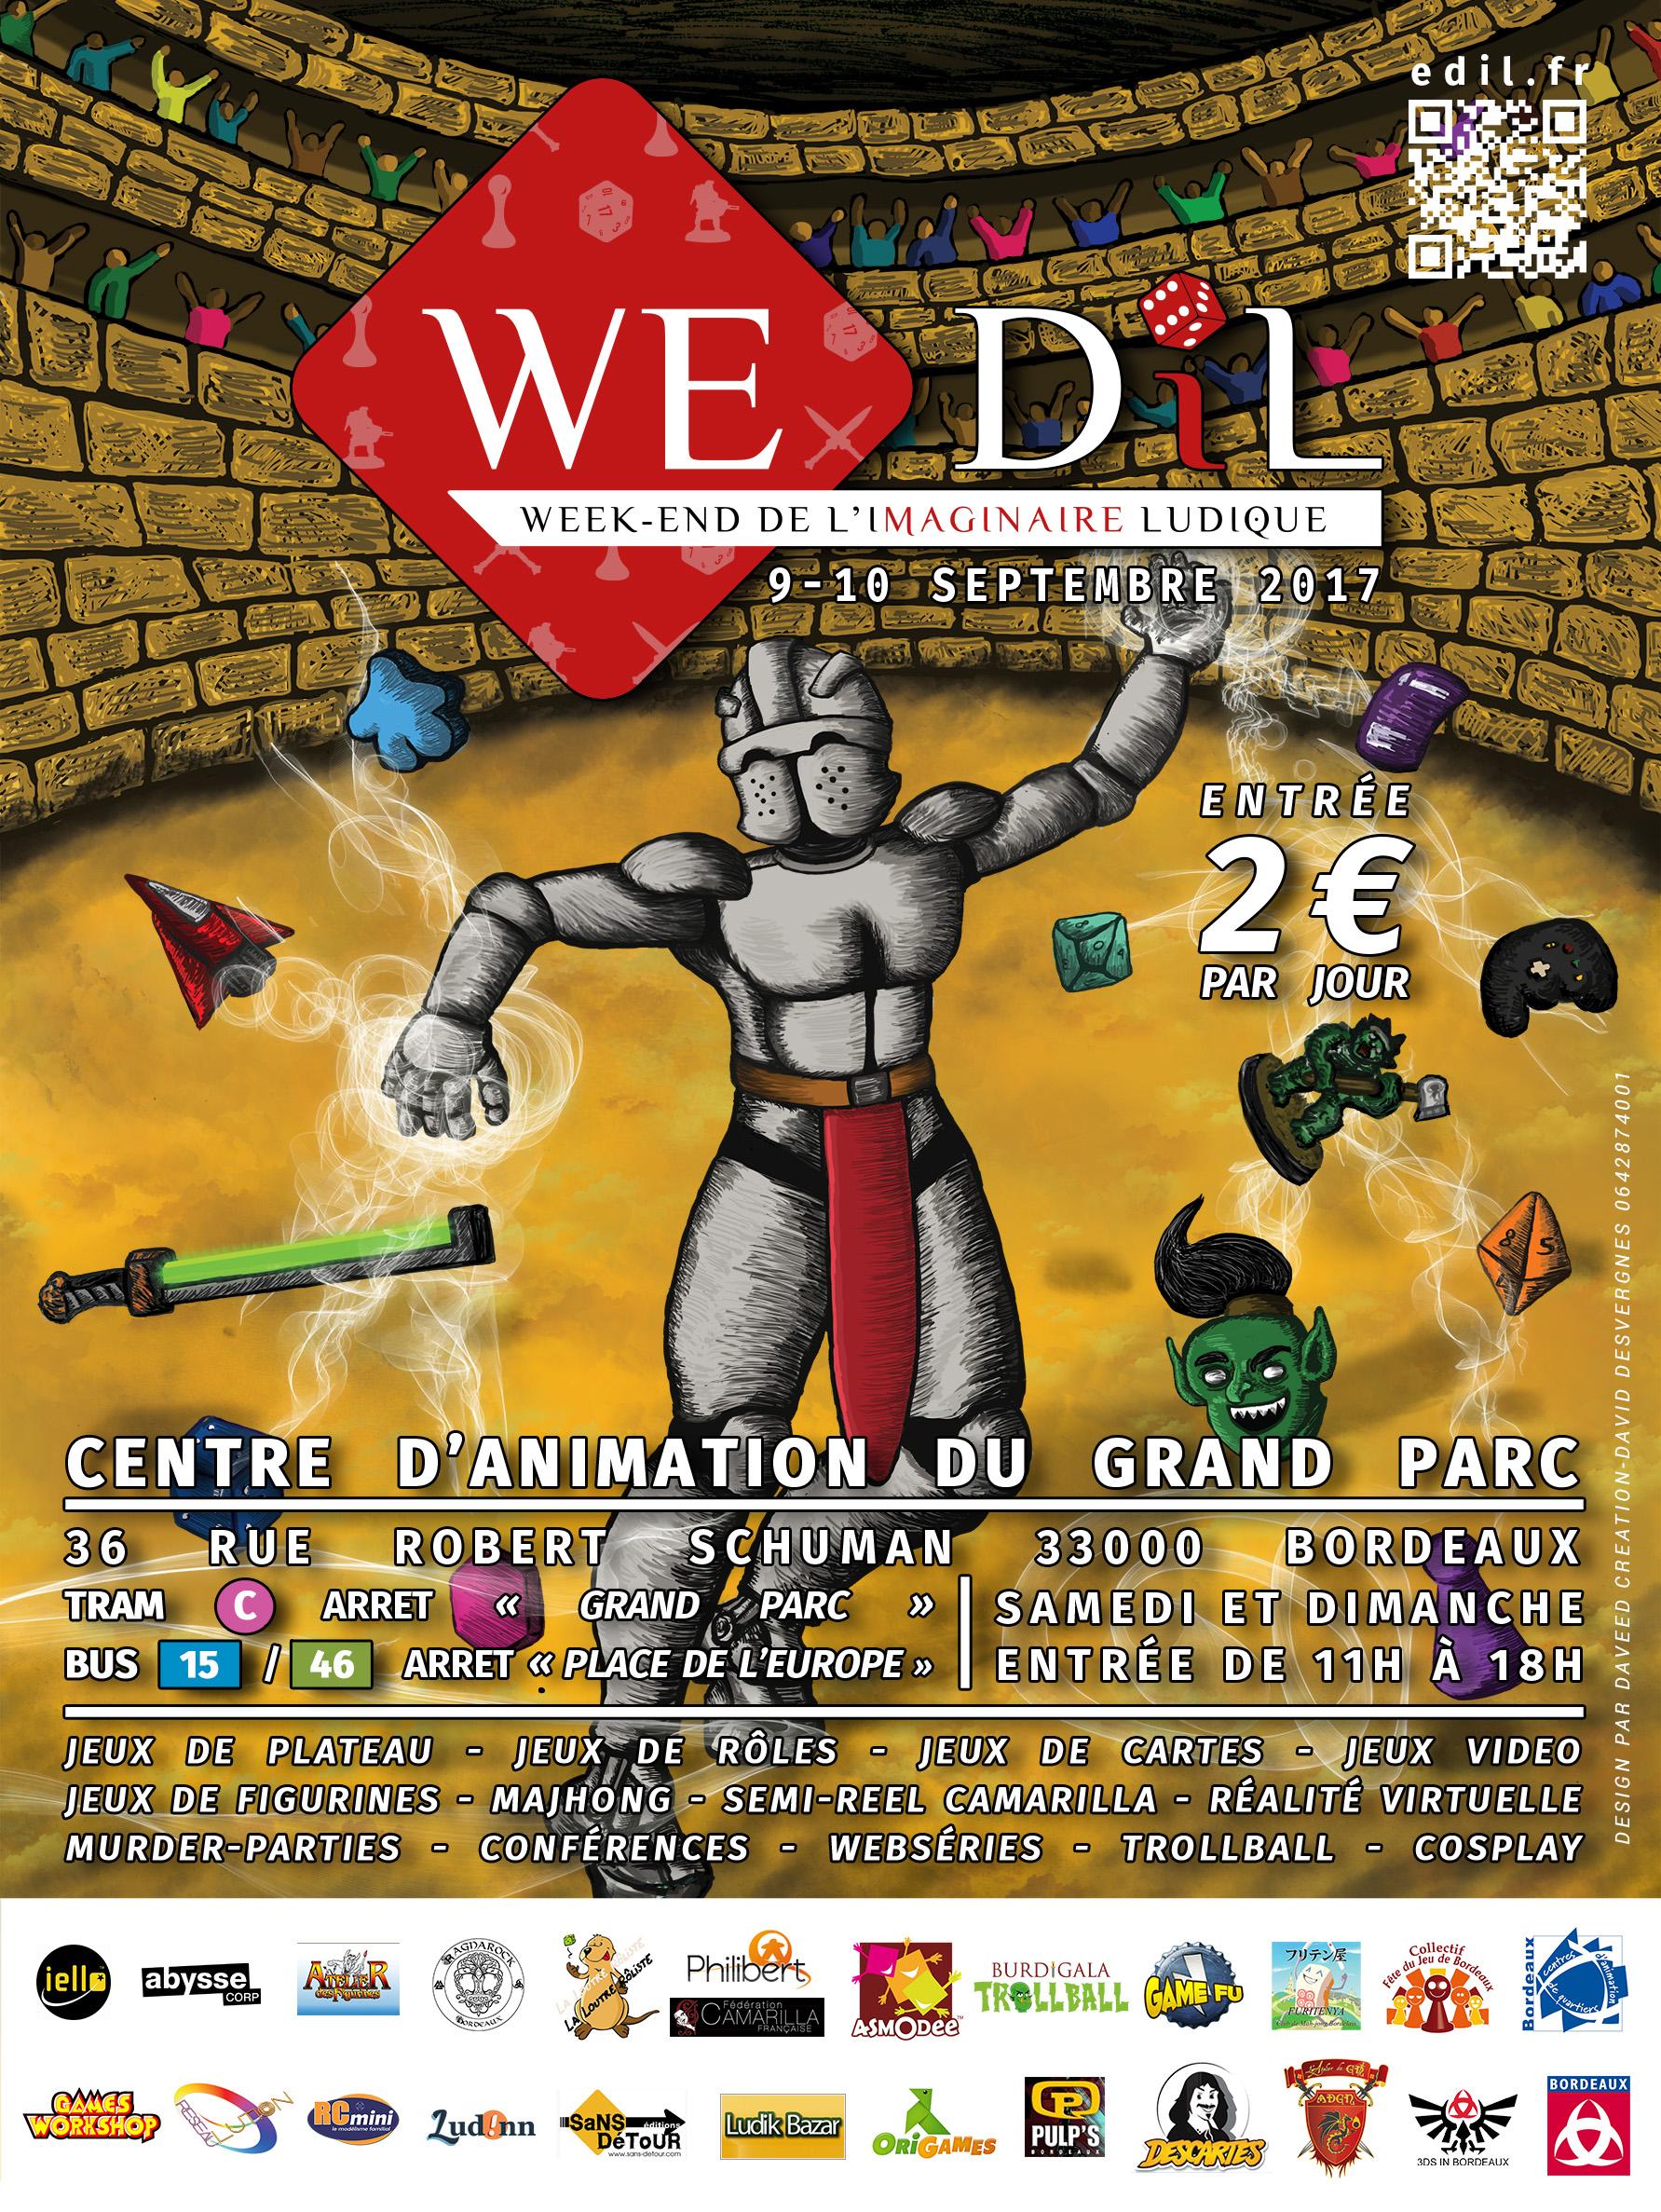 WE-DIL/ Week-End De l'Imaginaire Ludique [09-10 Septembre 2017 au Centre d'Animation du Grand Parc à Bordeaux] TEST_RVB